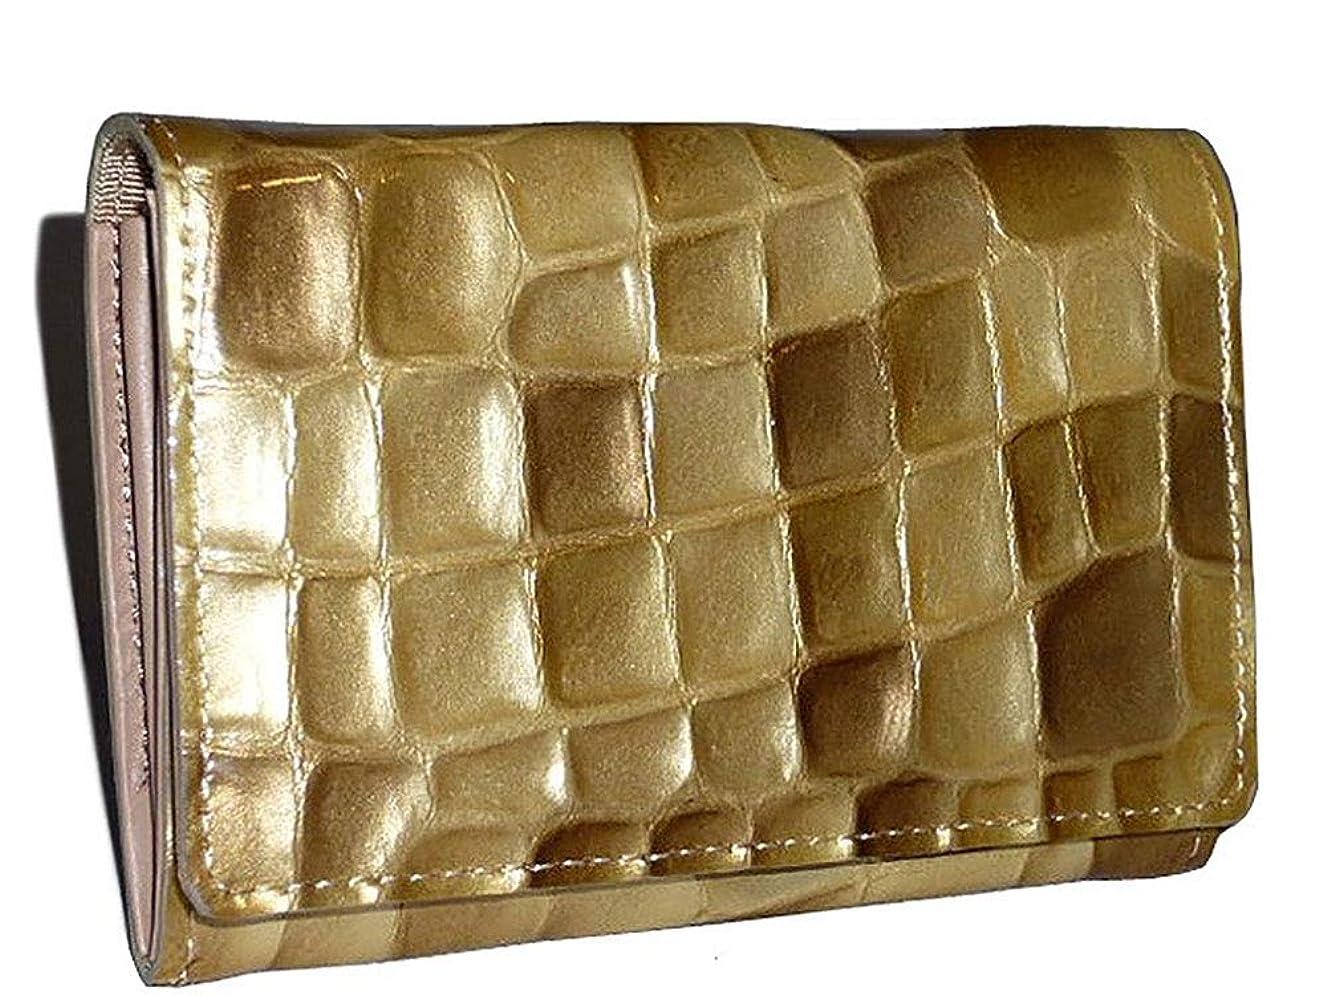 従事する編集する建てるアルカン 宝石のような財布 日本製(MADE INJAPAN) メテオール 名刺入れ 3240302 3248-308 レディス エナメル